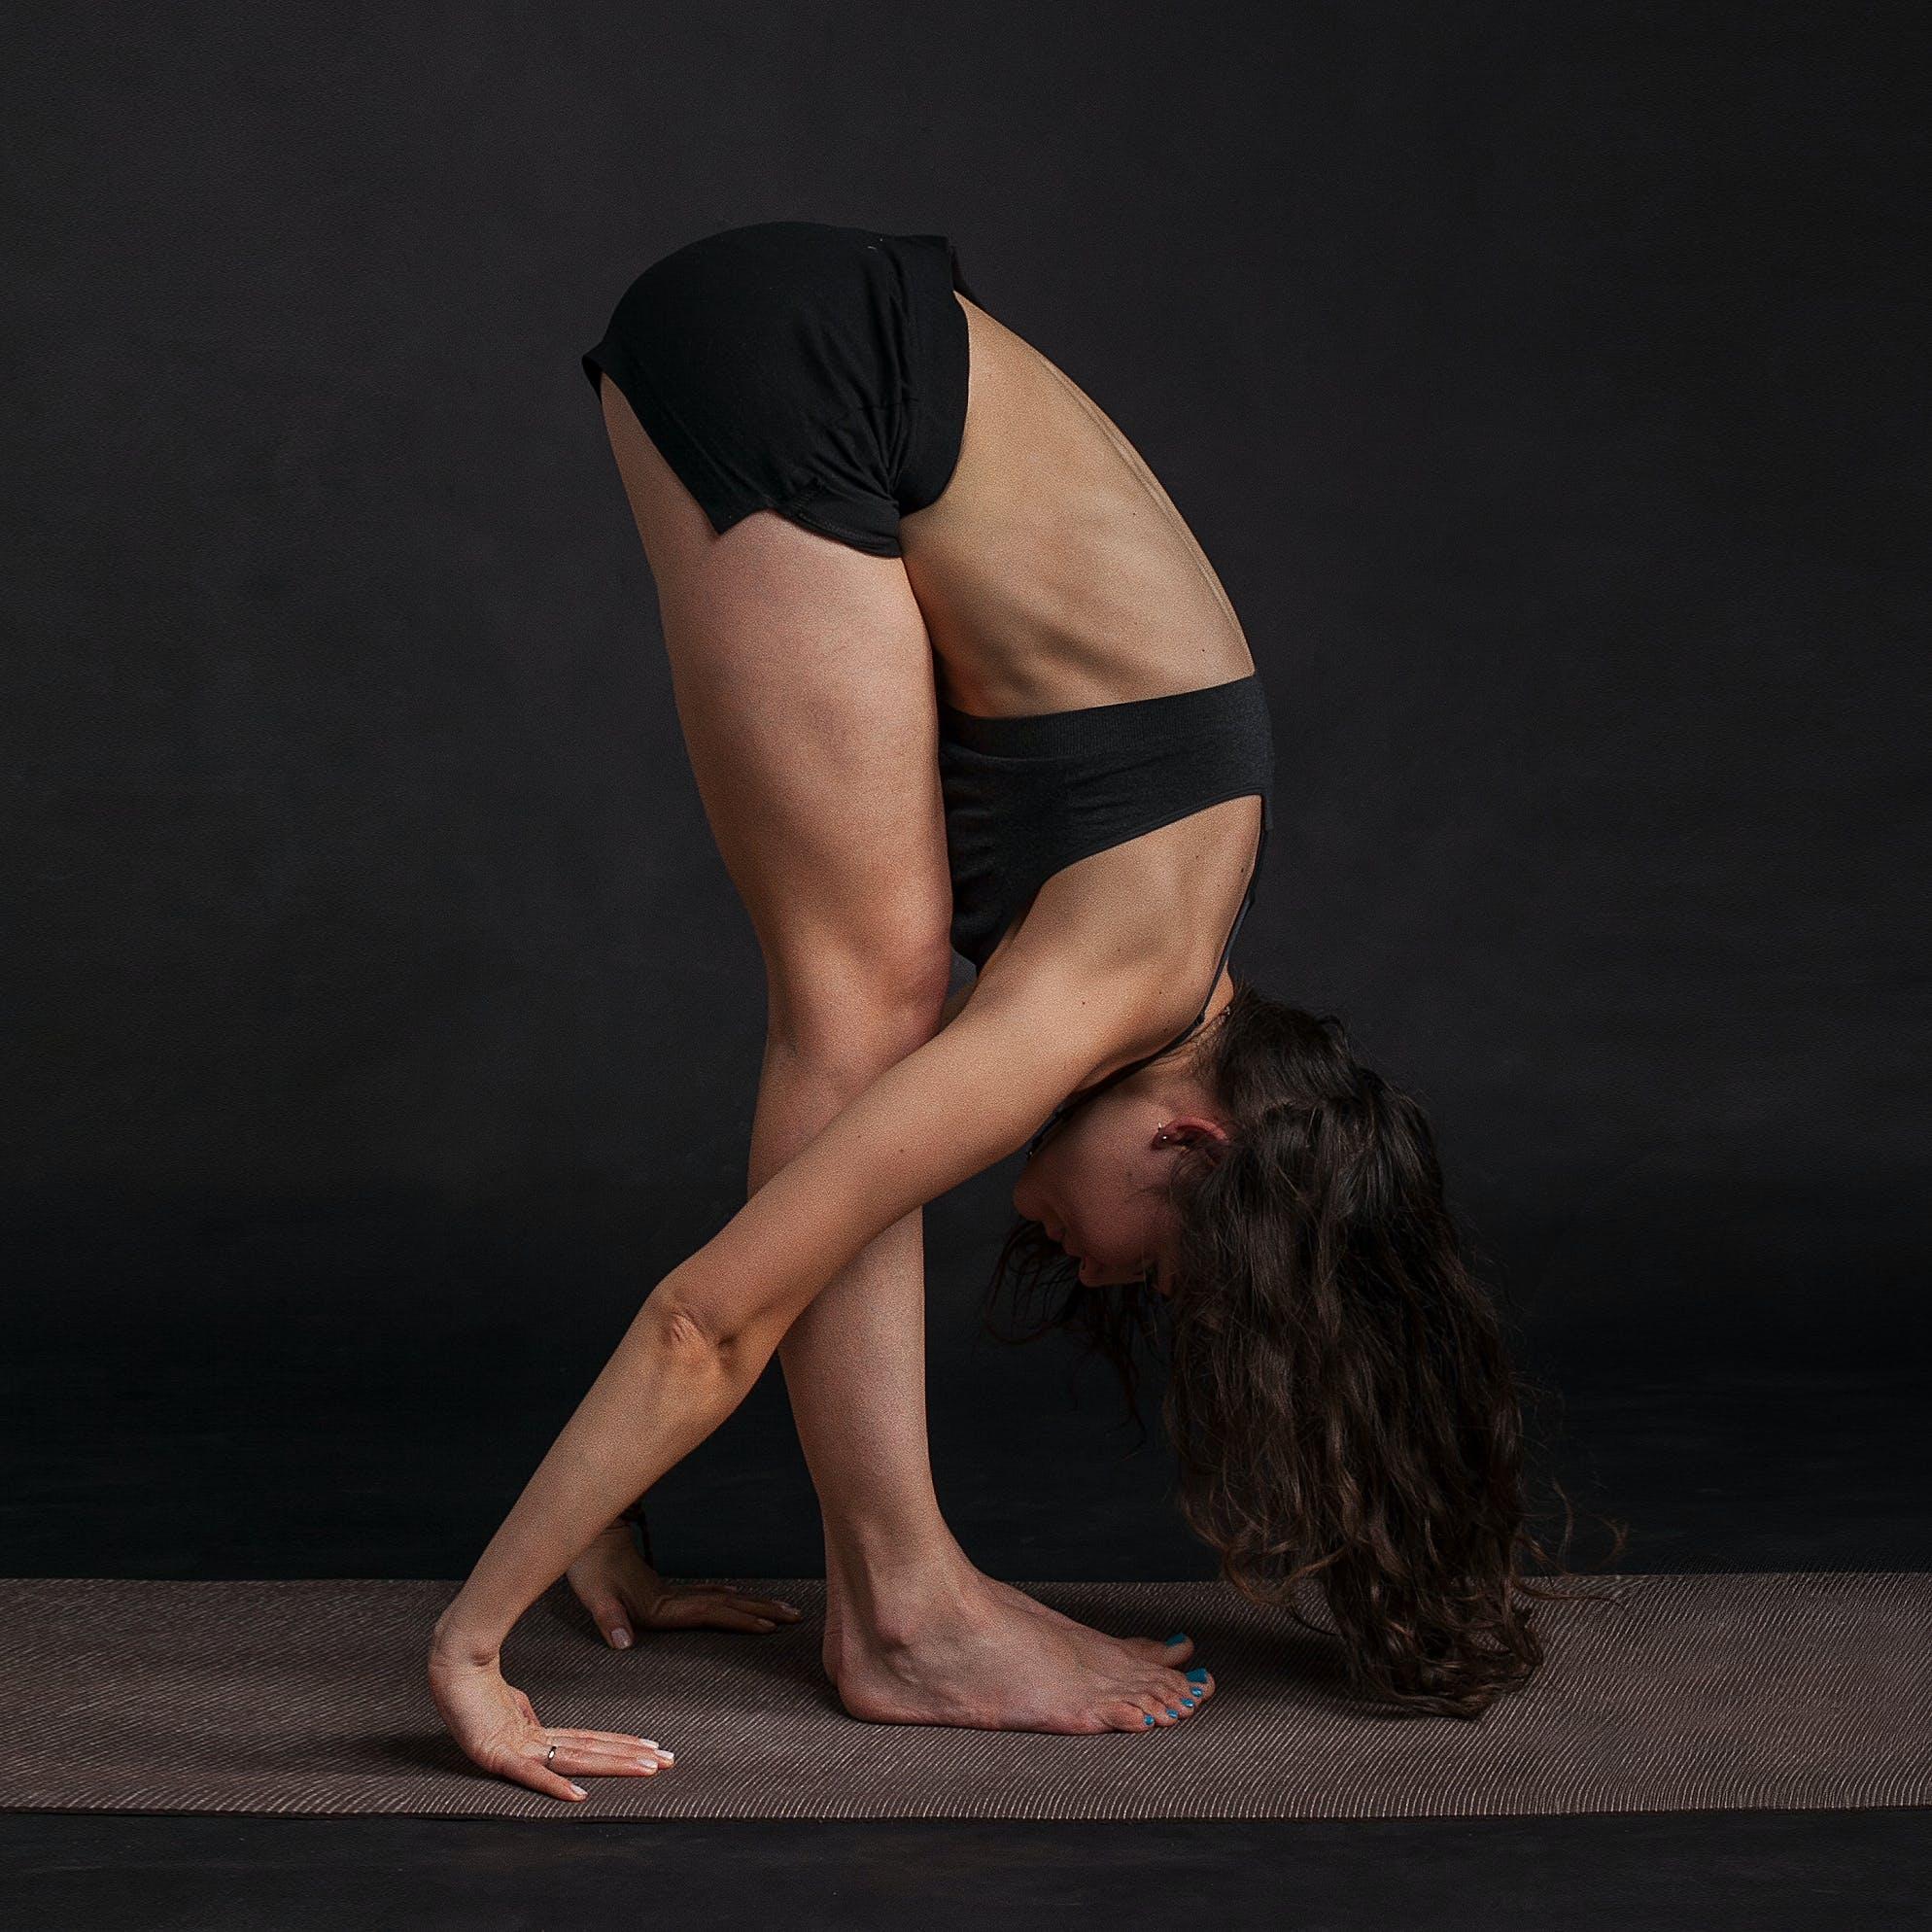 body, meditation, pose